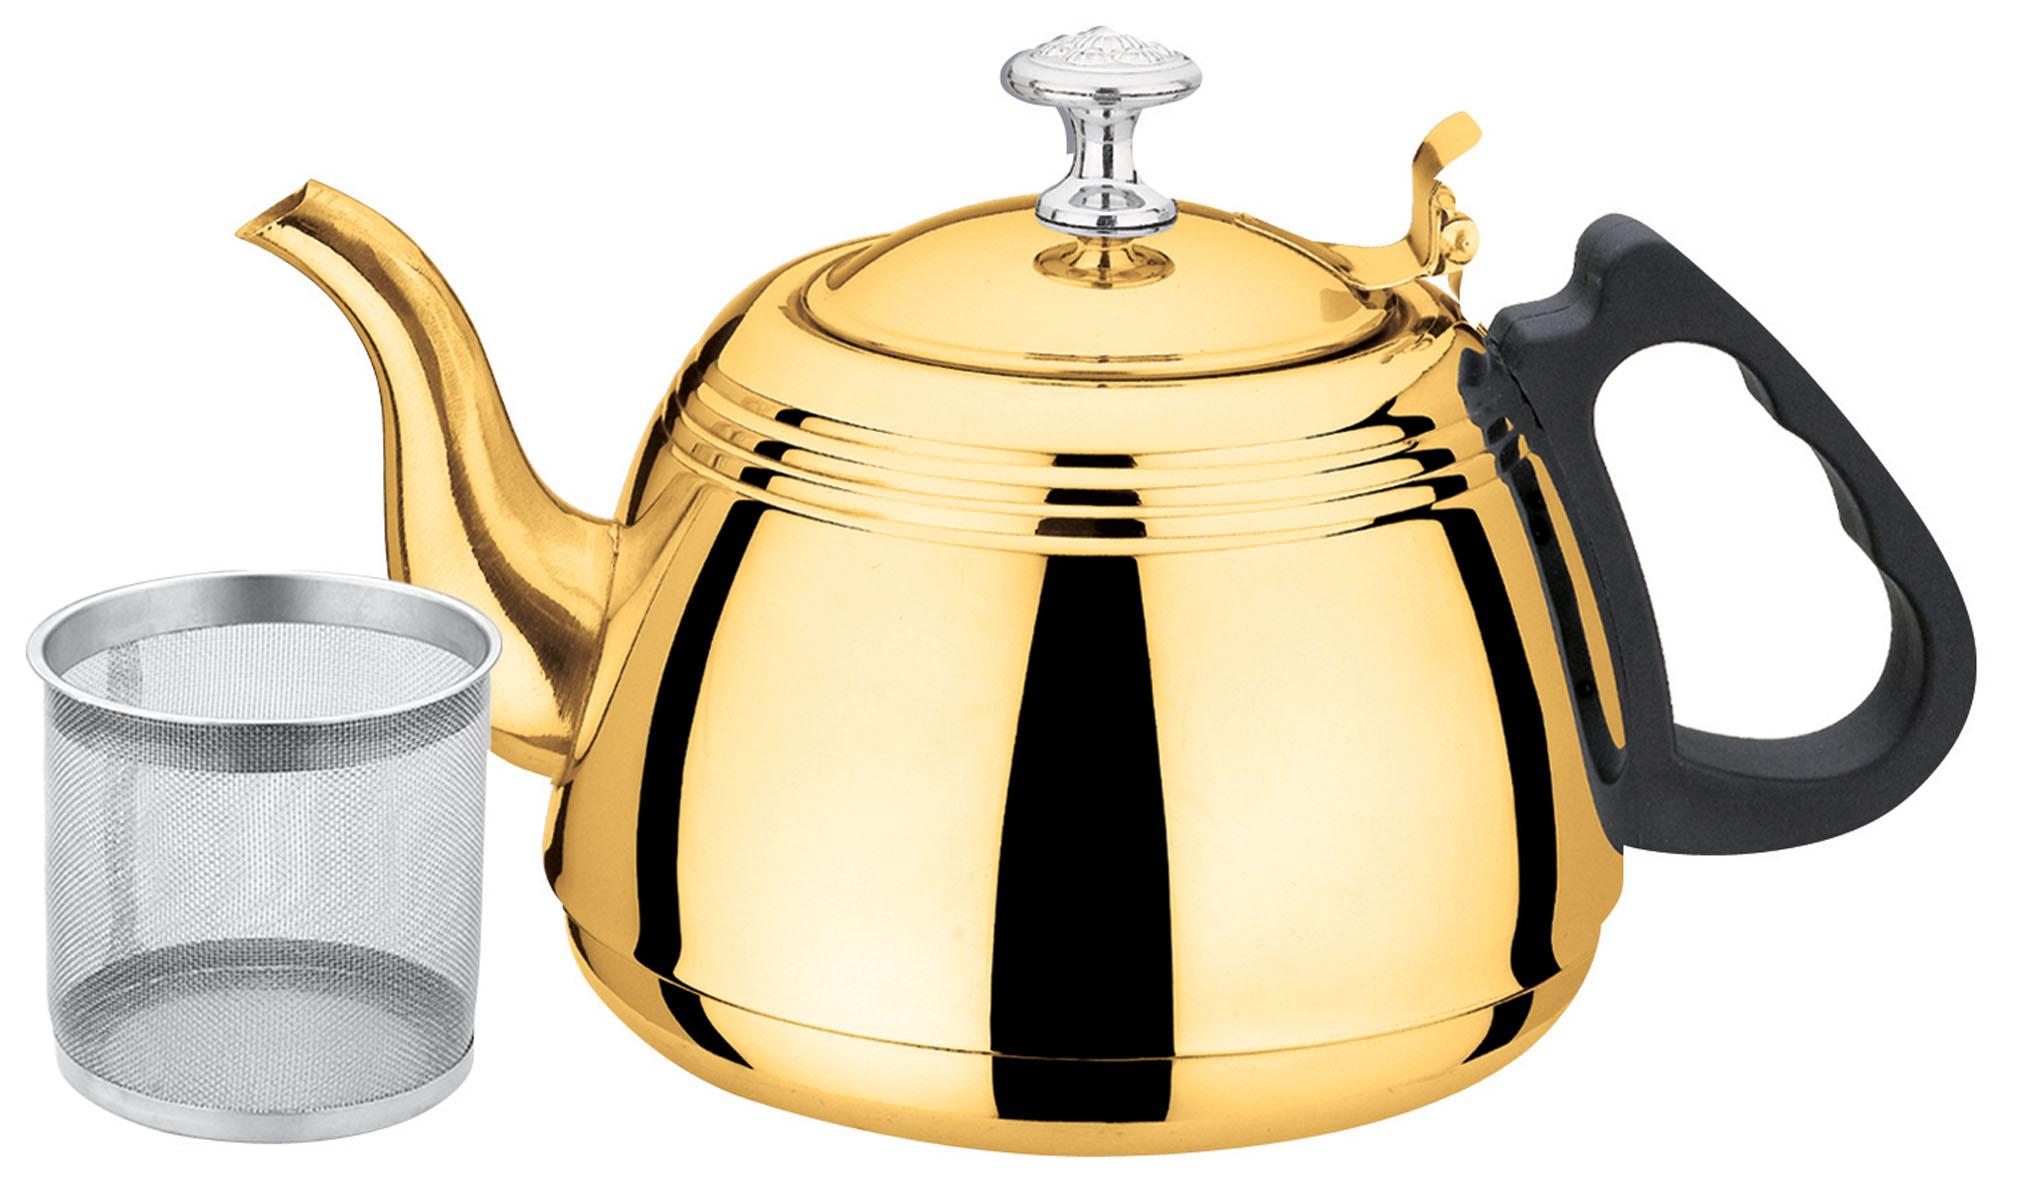 Чайник Bekker, с ситечком, цвет: золотистый, 1 лBK-S505Чайник Bekker выполнен из высококачественной нержавеющей стали, что обеспечивает долговечность использования. Внешнее зеркальное покрытие придает приятный внешний вид. Бакелитовая ручка делает использование чайника очень удобным и безопасным. Чайник снабжен ситечком для заваривания. Можно мыть в посудомоечной машине. Пригоден для всех видов плит, включая индукционные.